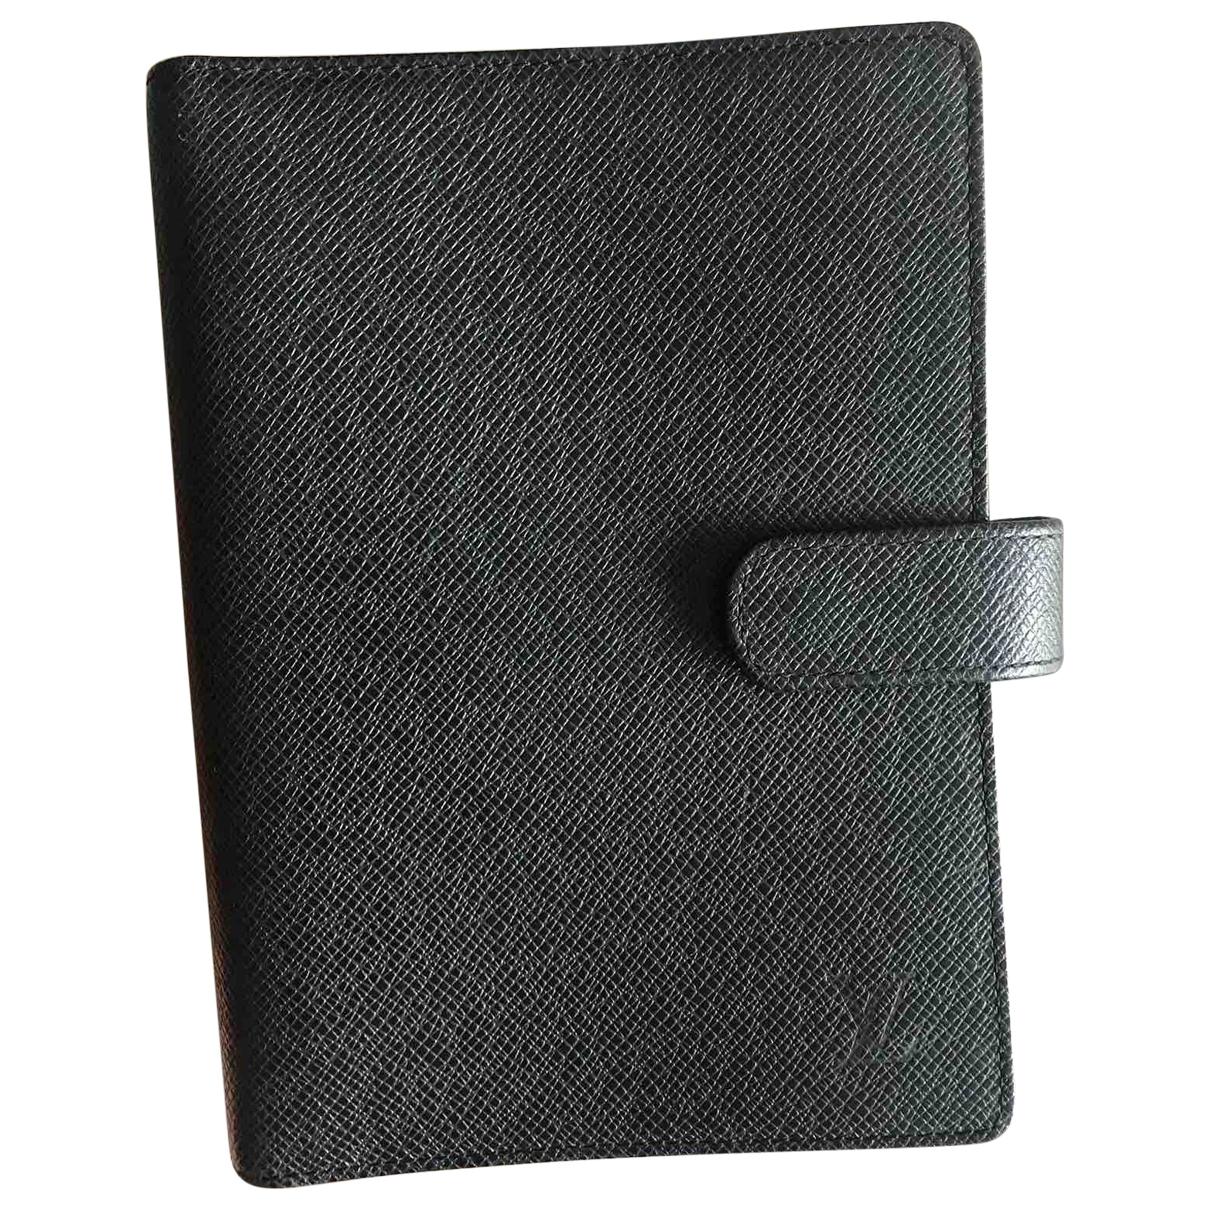 Louis Vuitton \N Accessoires und Dekoration in  Schwarz Leder